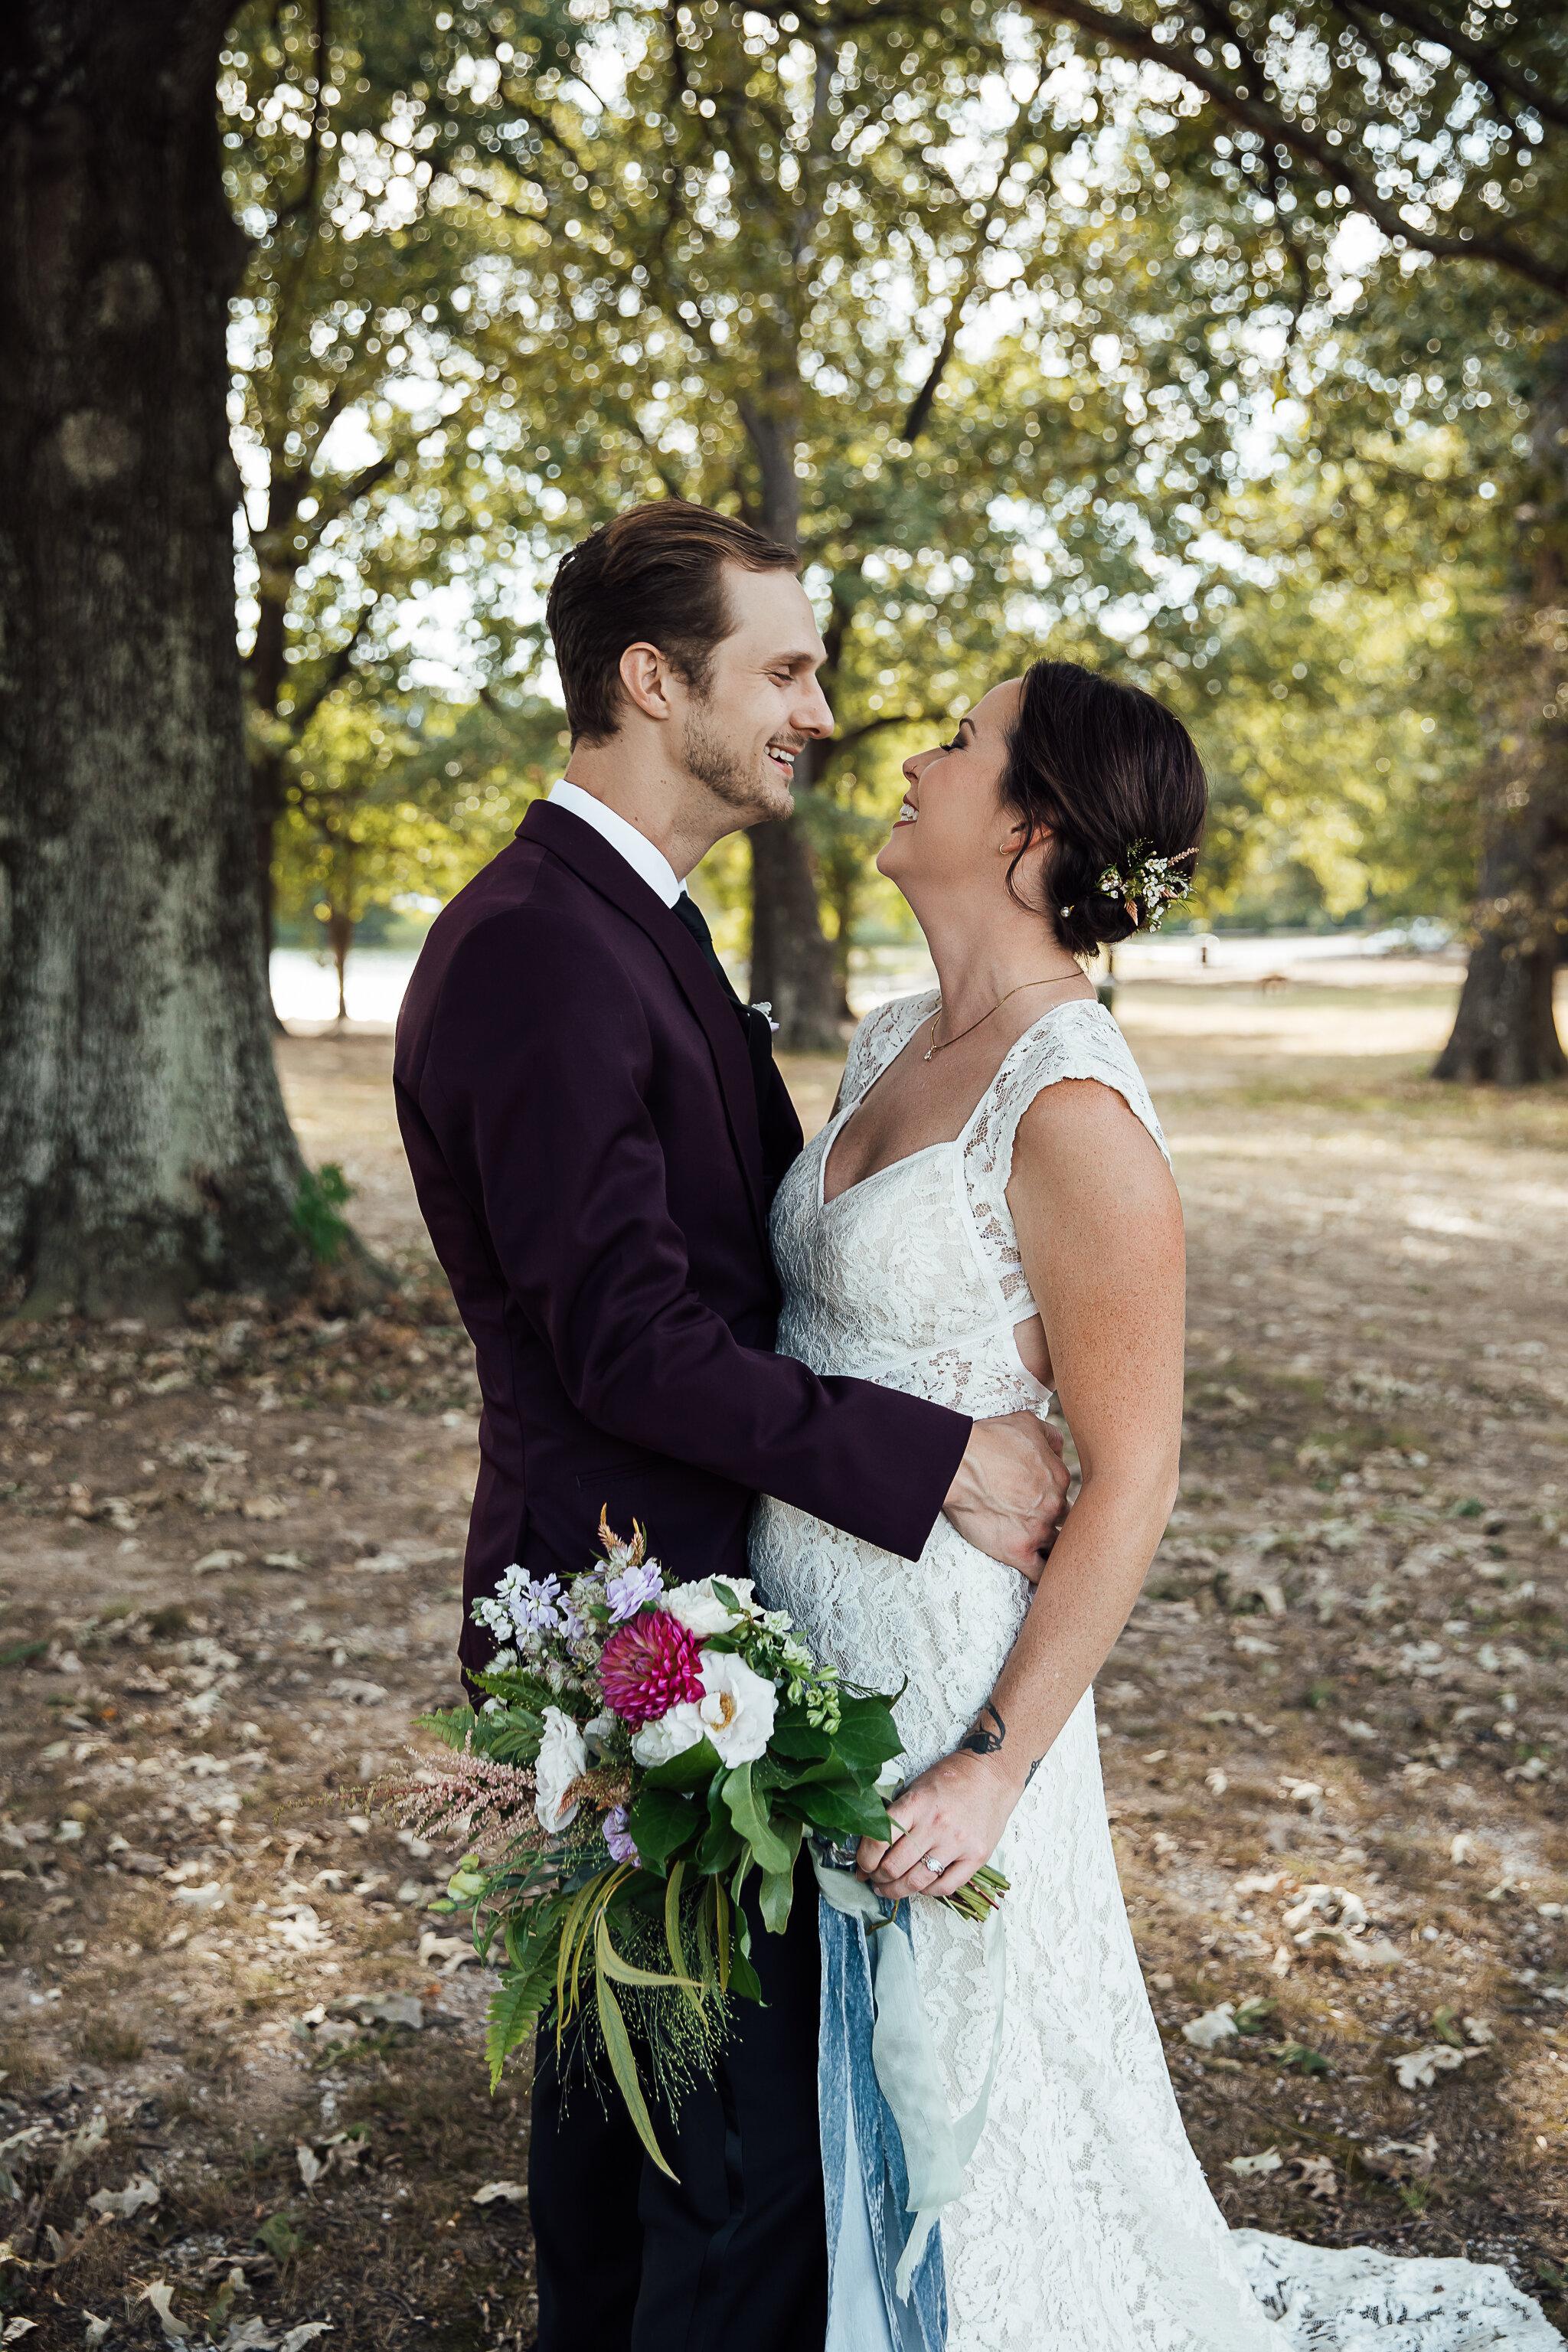 Allison-and-Wesley-Memphis-Backyard-Wedding-TheWarmthAroundYou-20.jpg